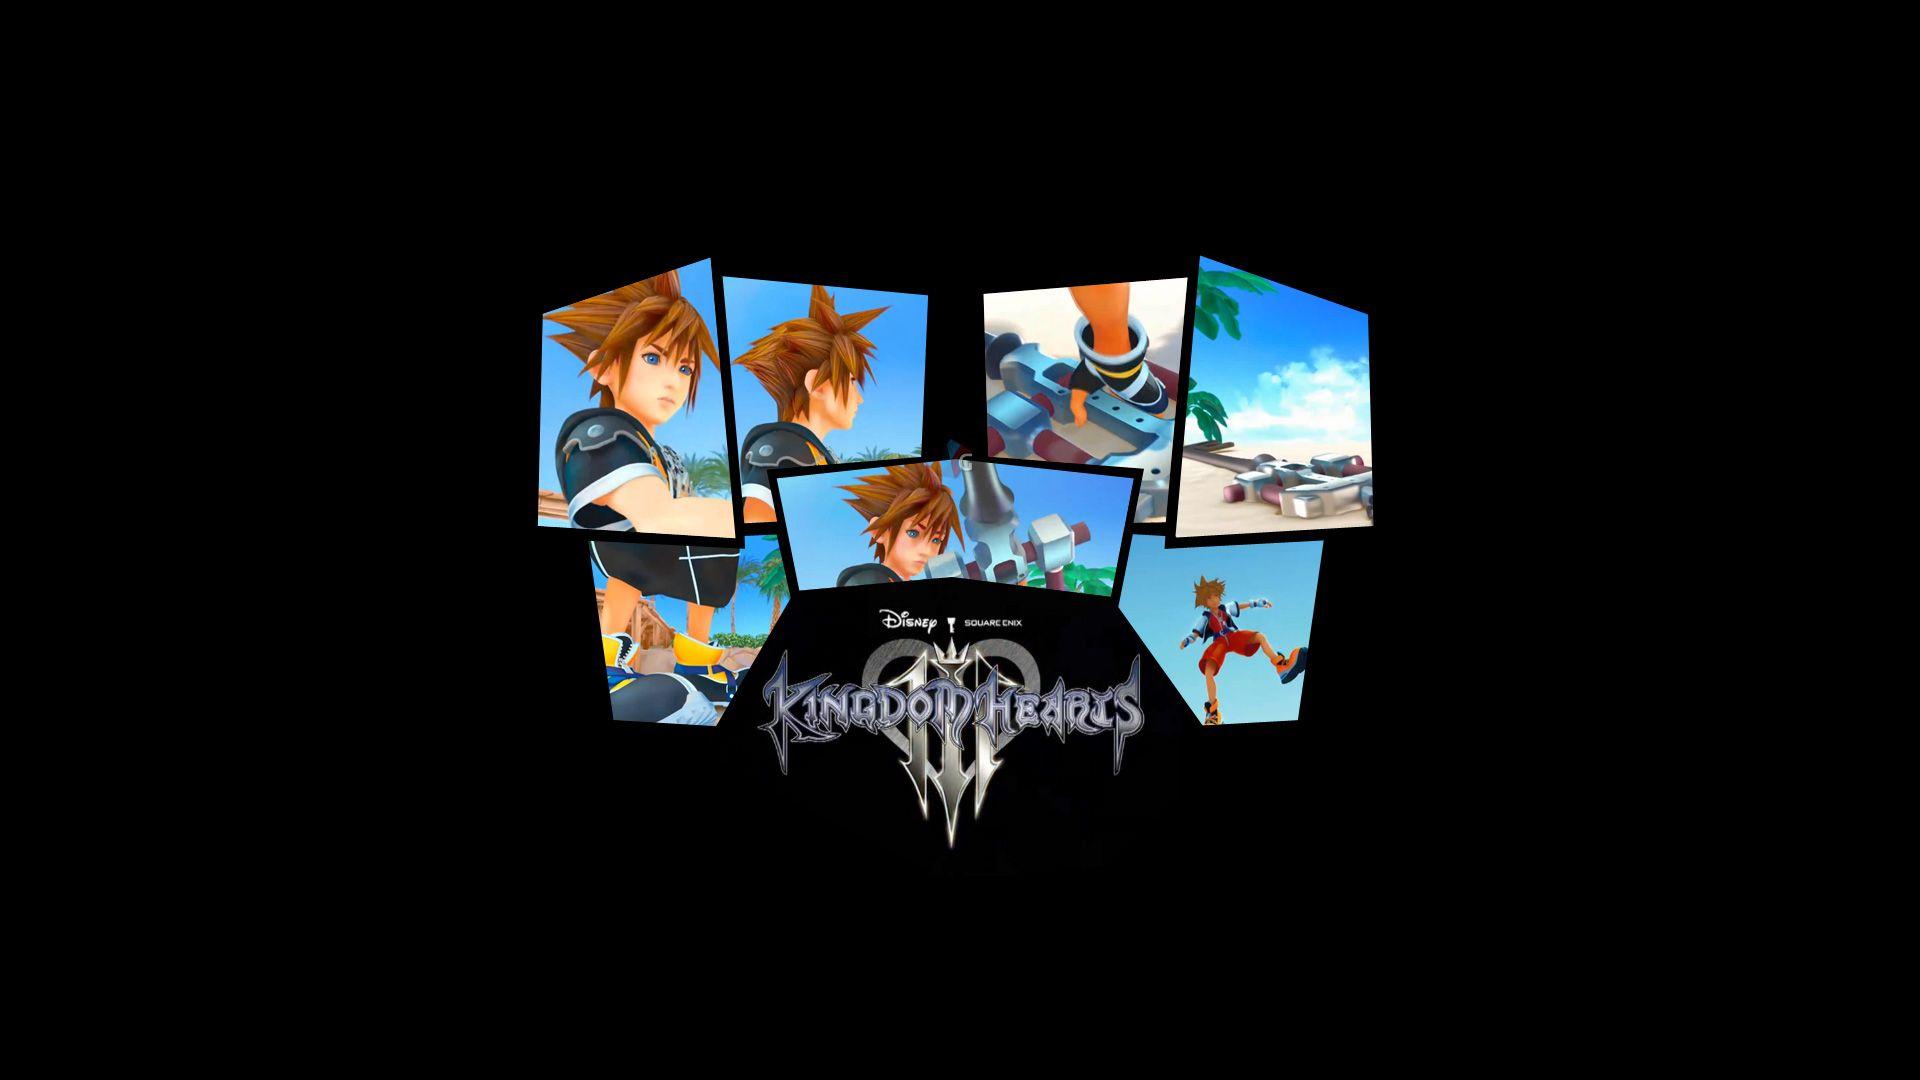 kingdom hearts 3 games wallpaper